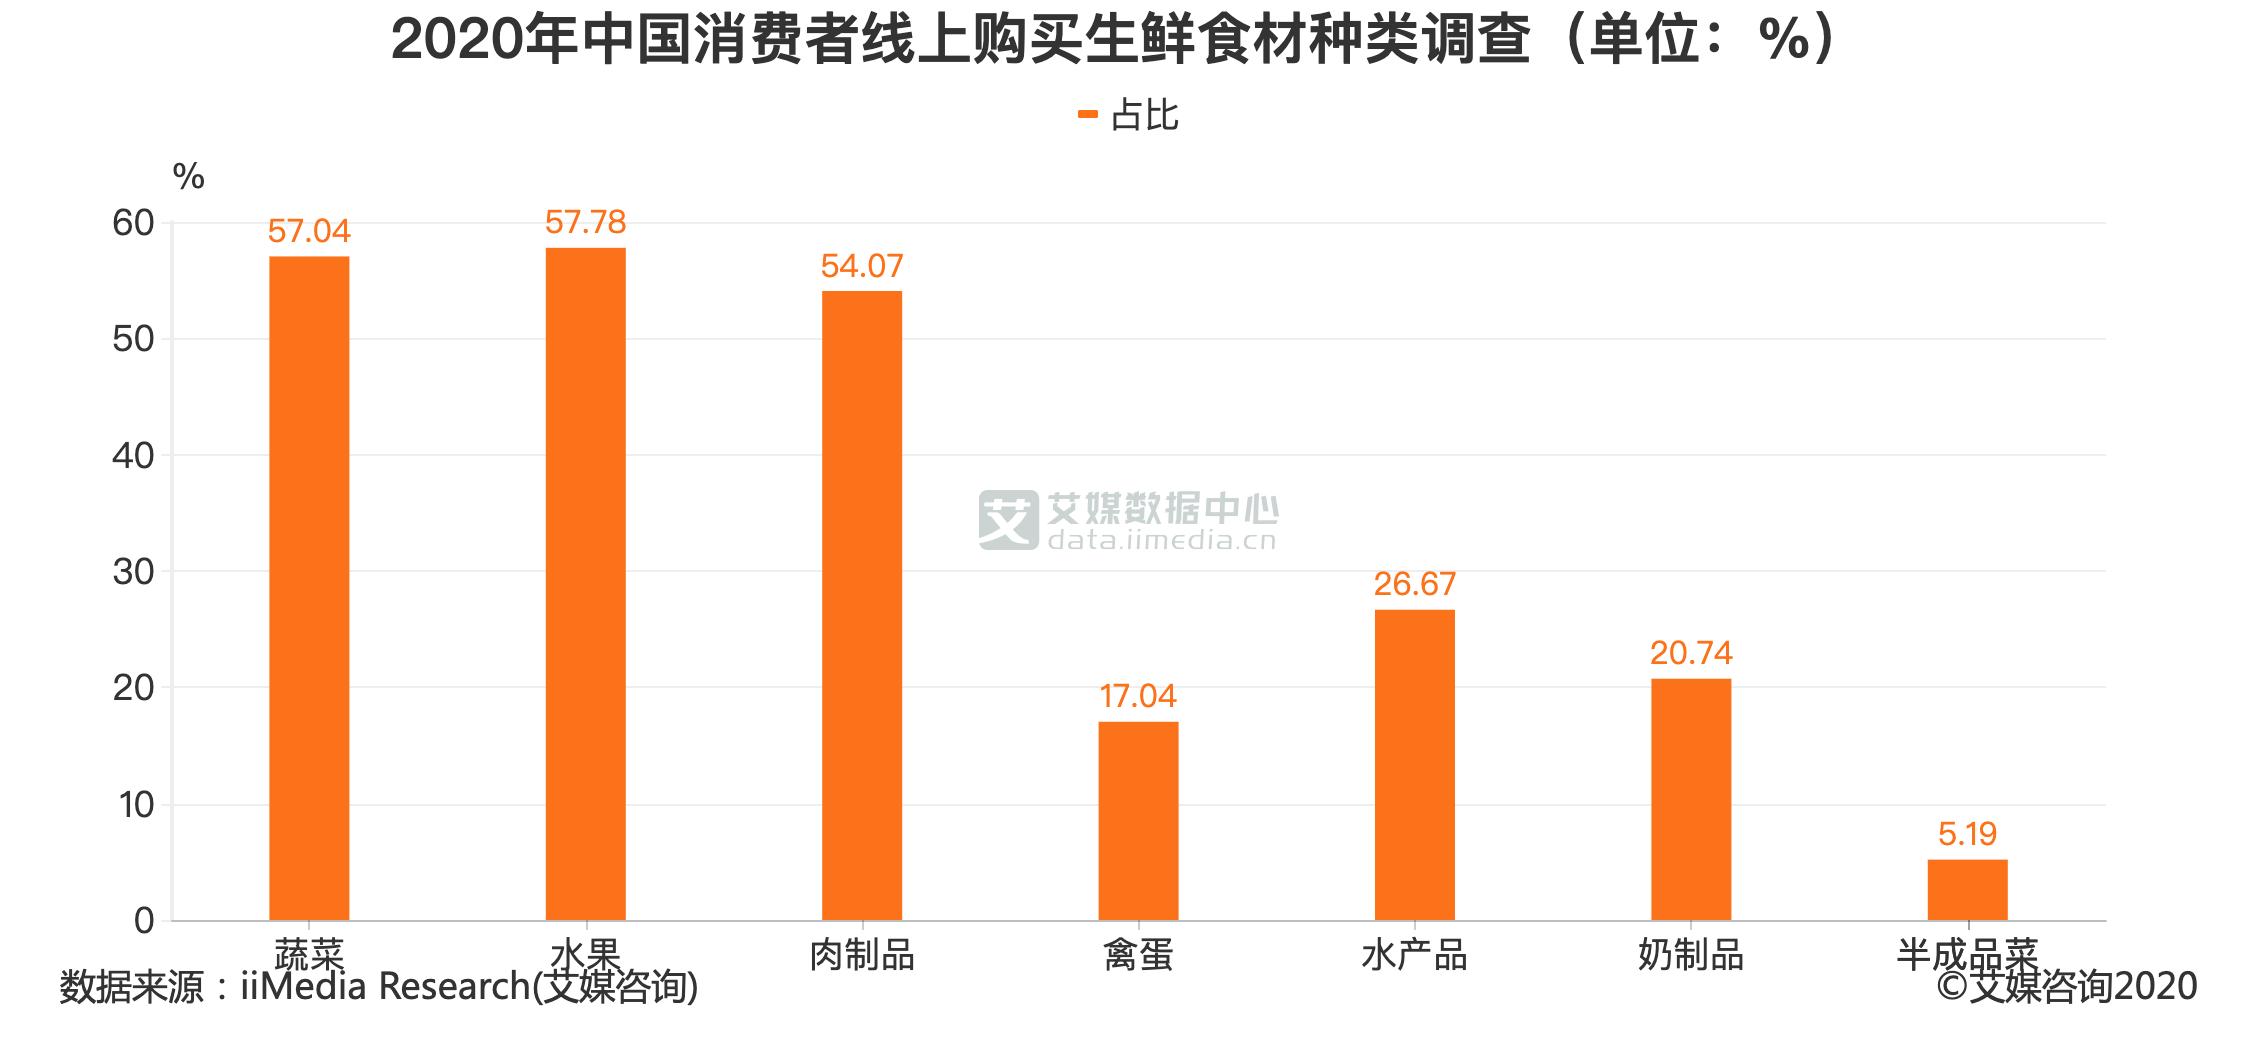 2020年中国消费者线上购买生鲜食材种类调查(单位:%)